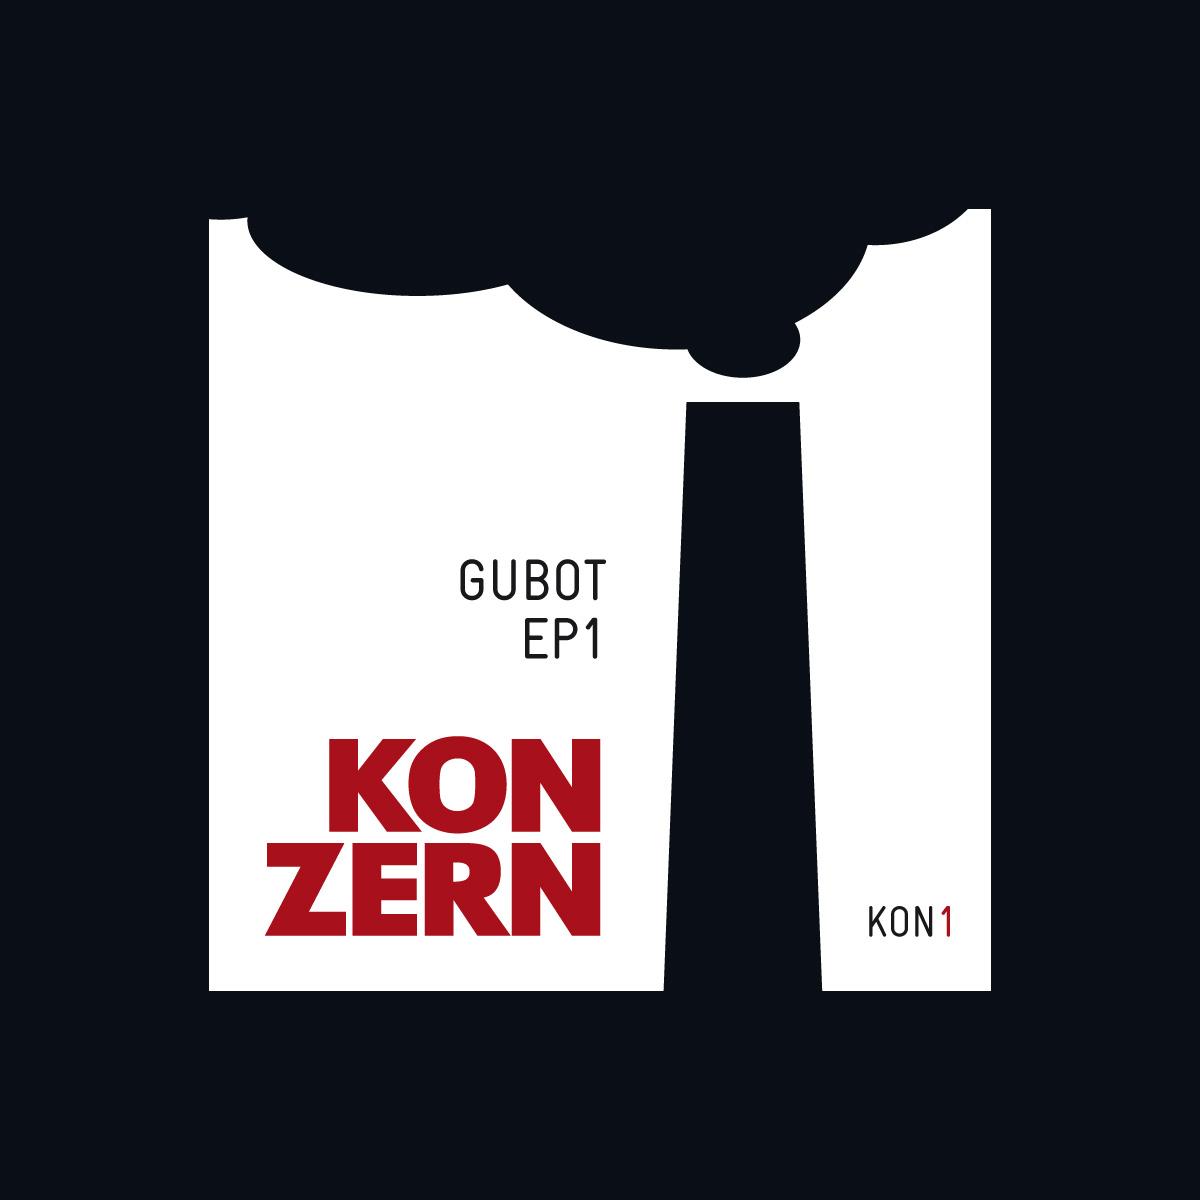 Gubot – EP1 (Konzern)